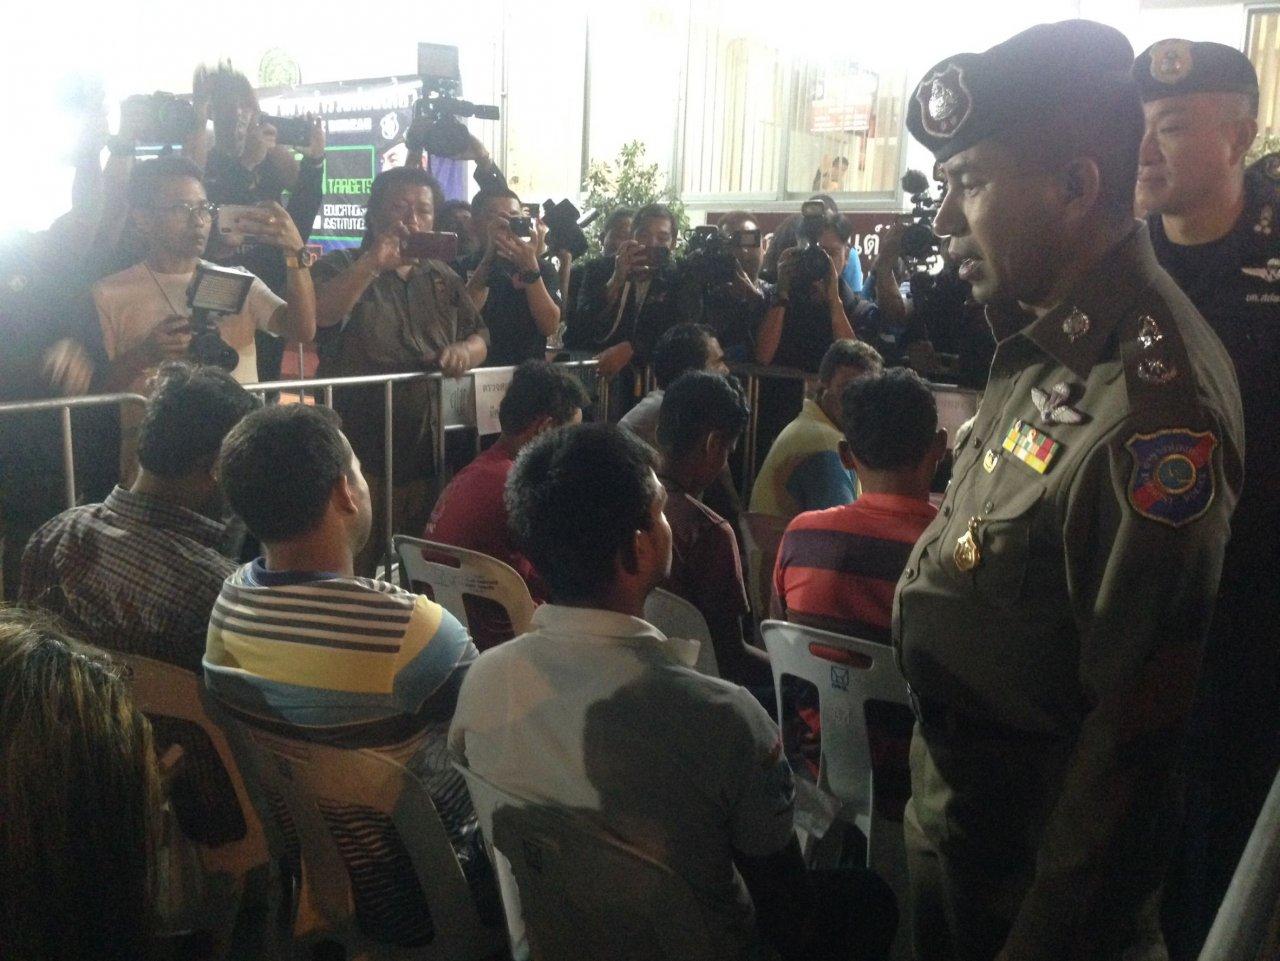 63 ressortissants étrangers ont été arrêtés lors d'une nouvelle opération de police, ciblant les personnes en situation irrégulière